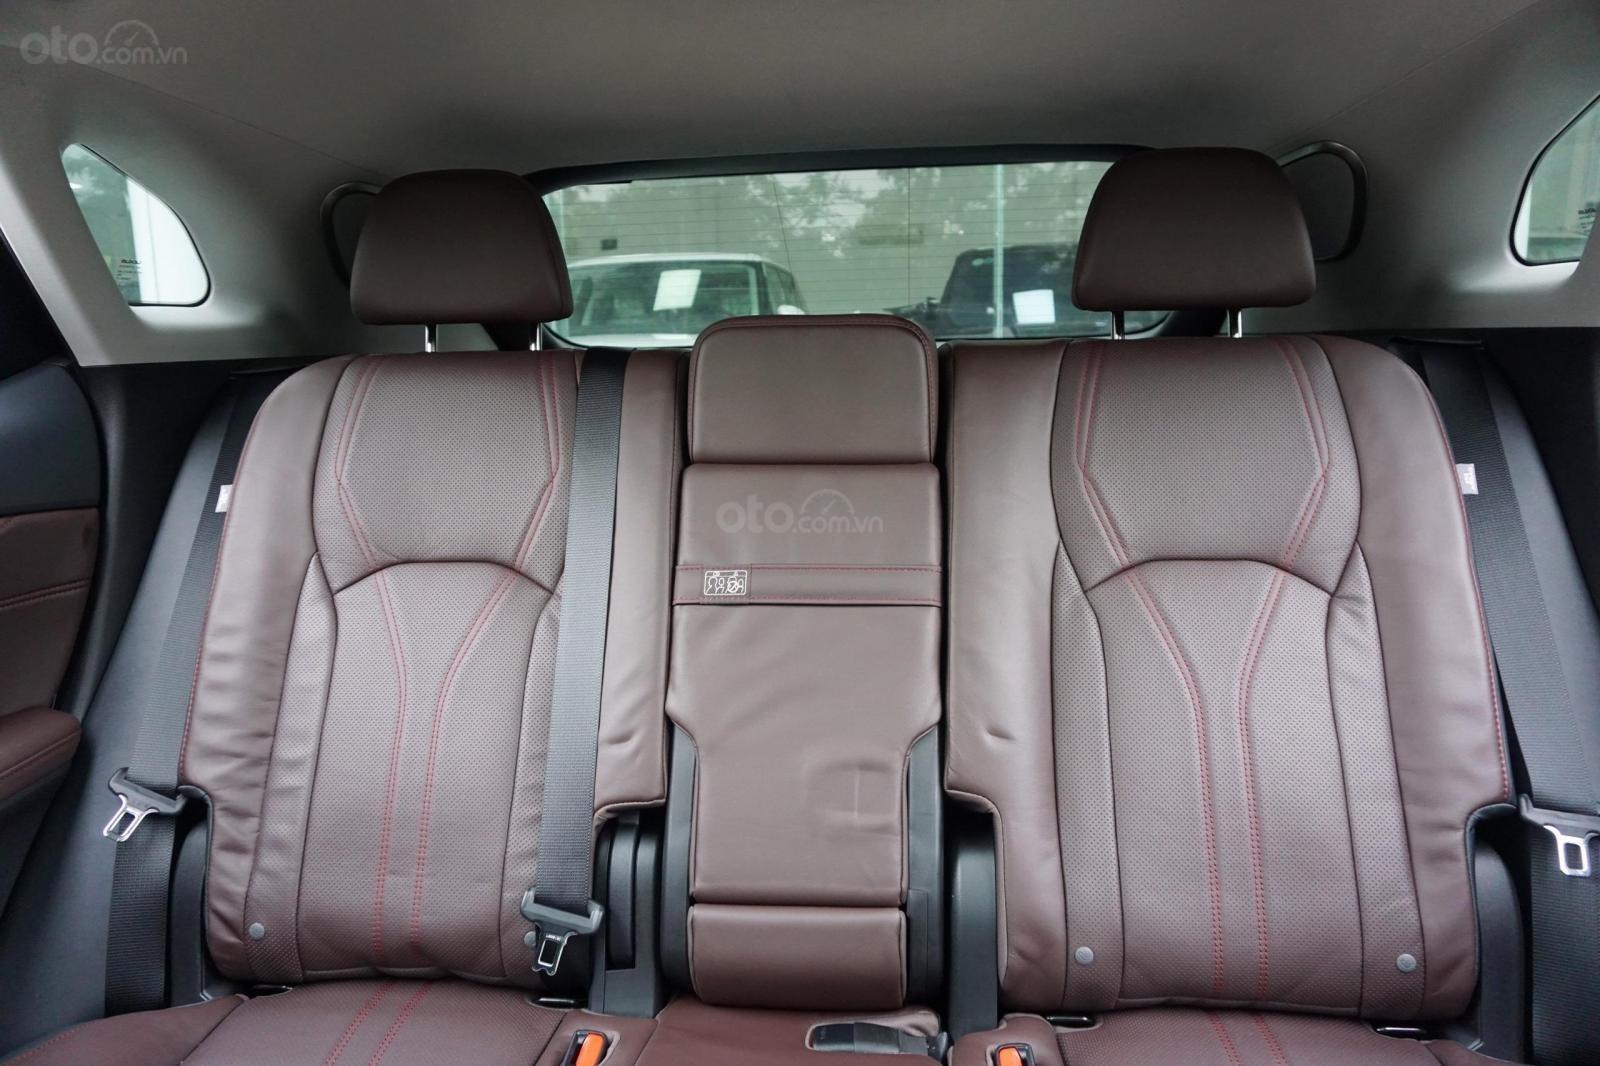 Bán Lexus RX 350 sản xuất 2019, màu đen, nhập Mỹ, giao ngay, LH 094.539.2468 Ms Hương (18)